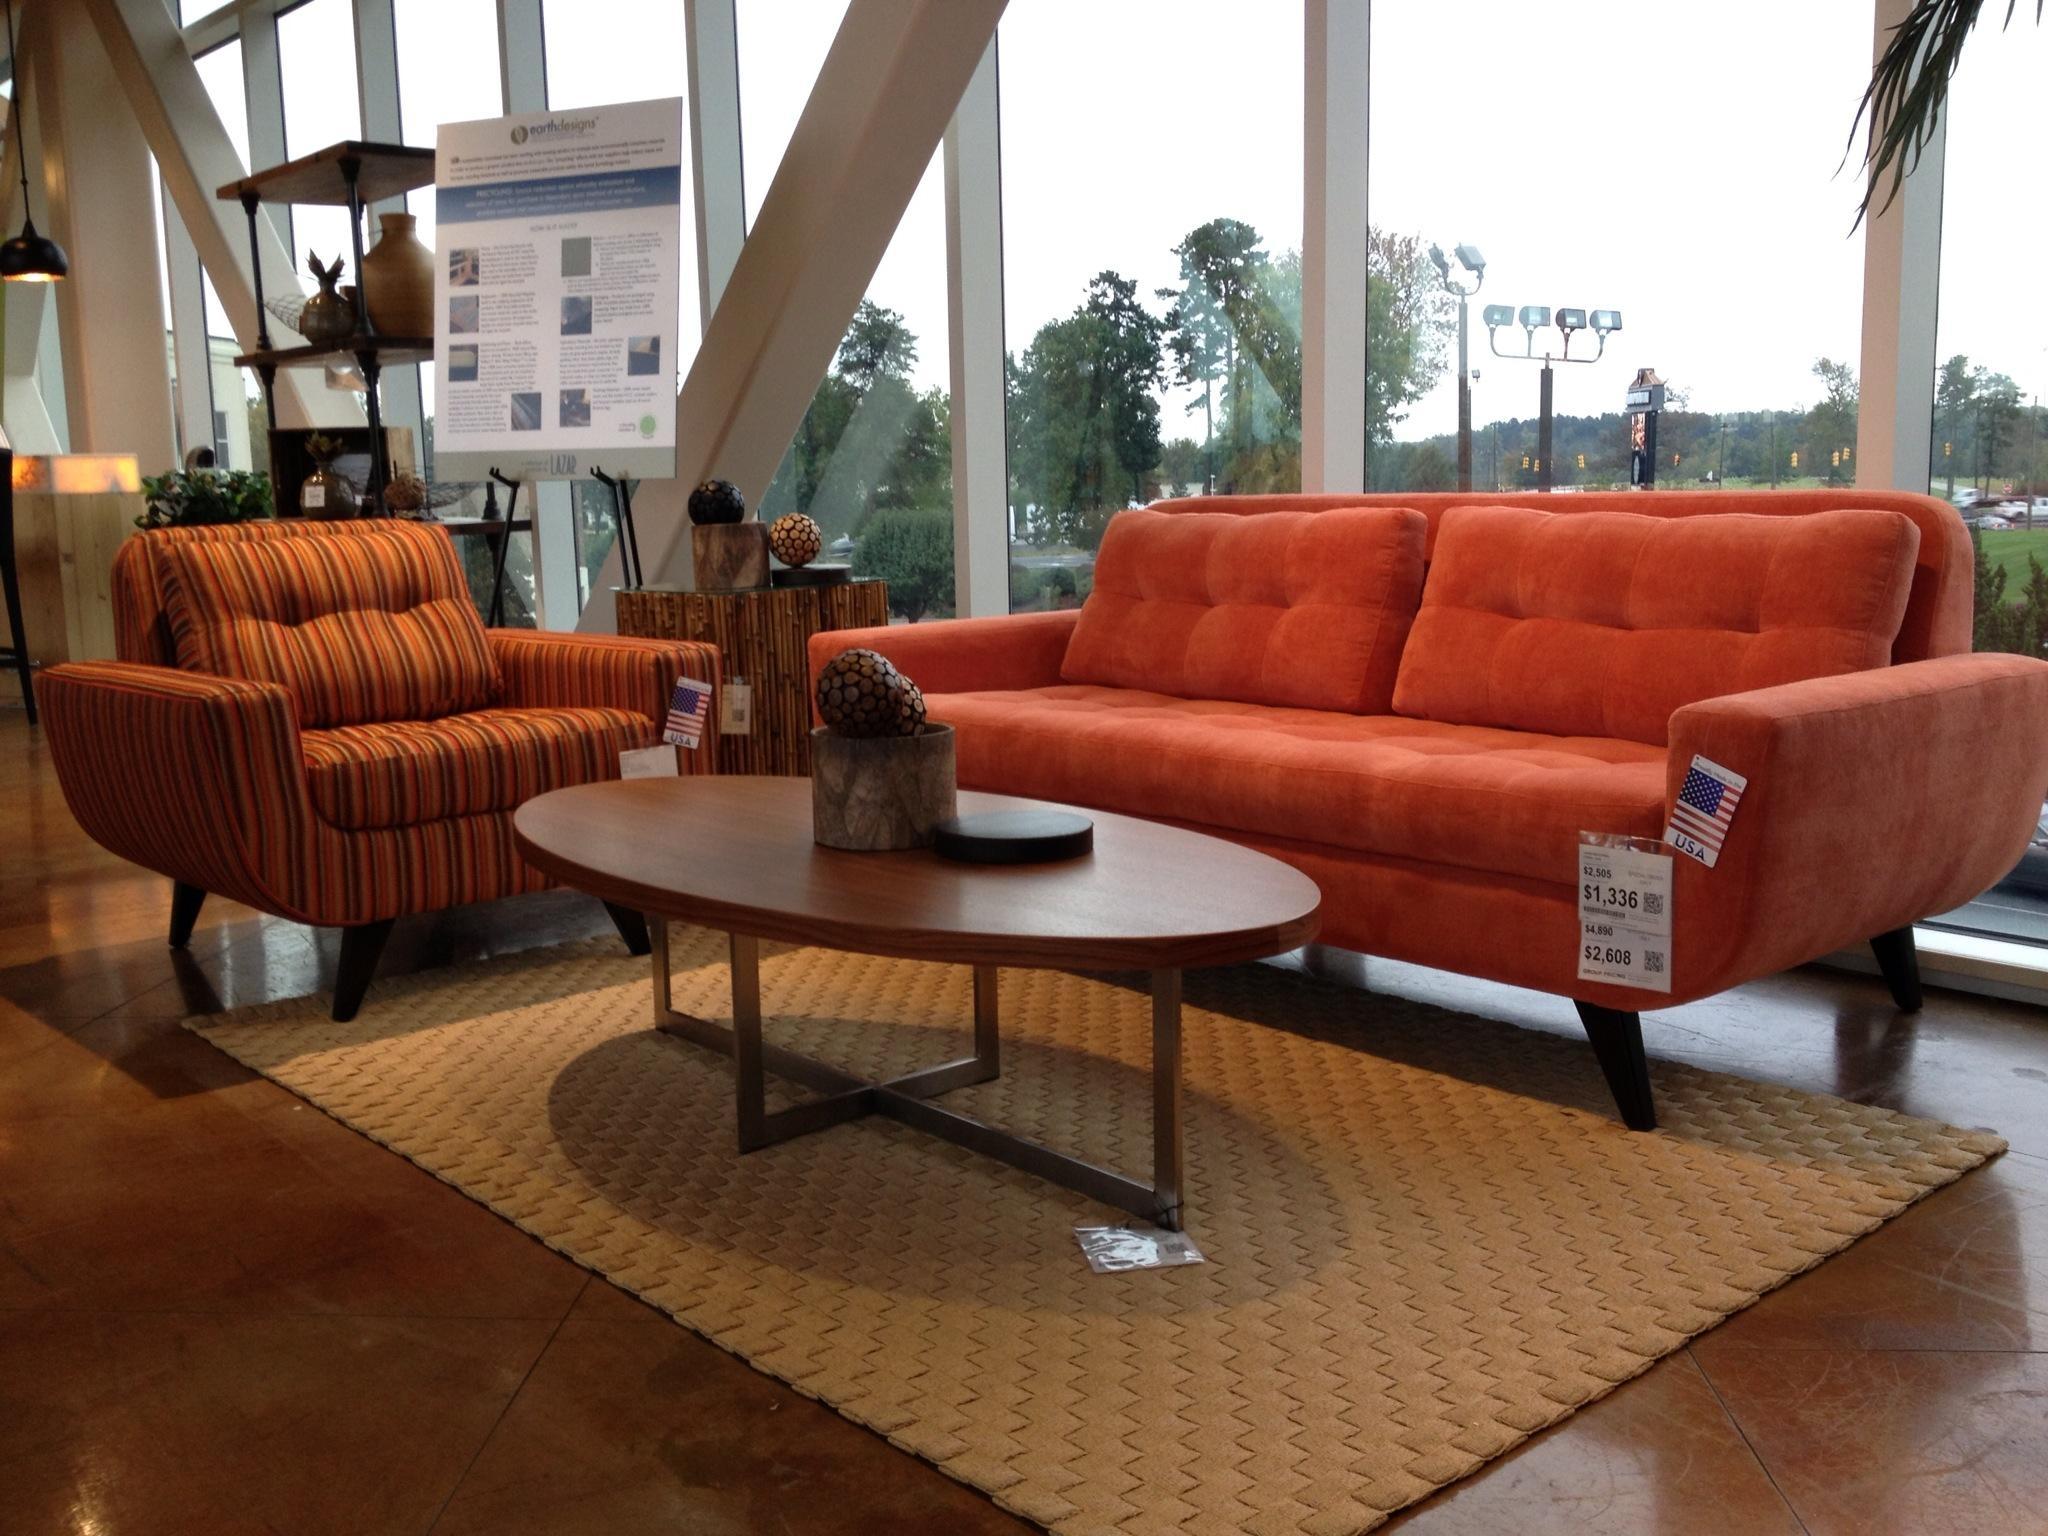 Sofas Center : Orange Leather Sofa Kanes Furniture Sofas And With Burnt Orange Leather Sofas (Image 15 of 20)